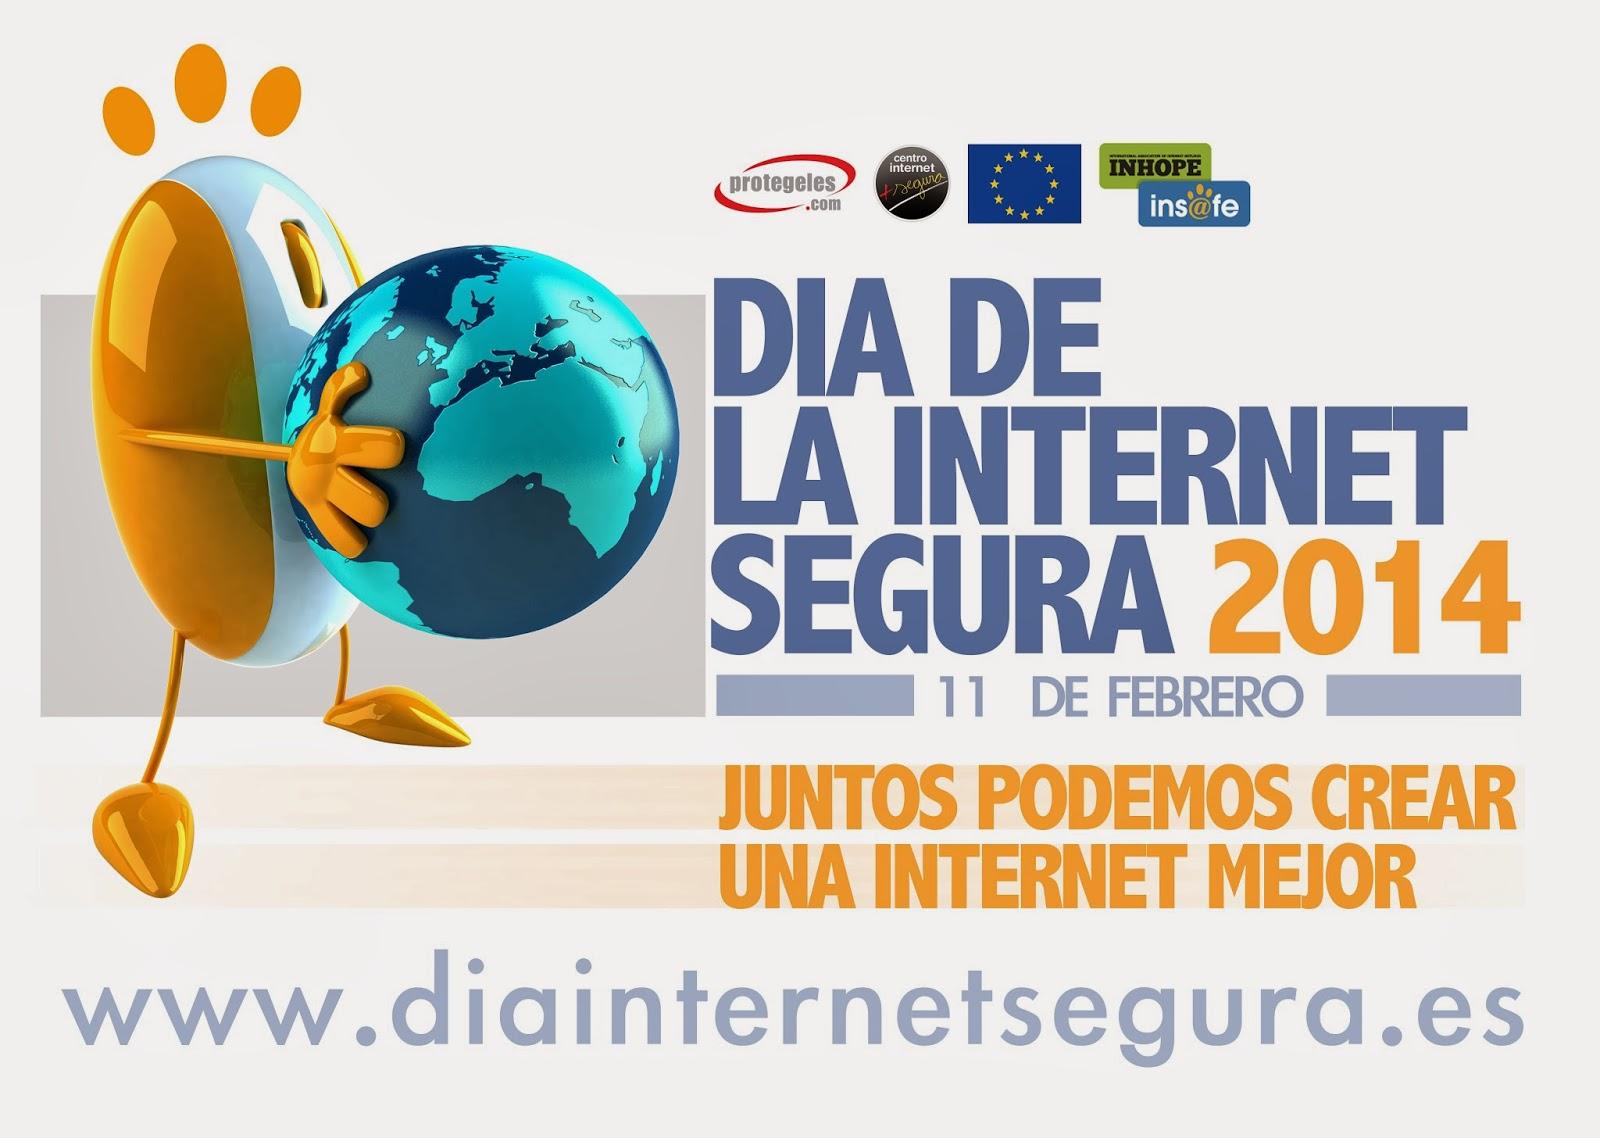 dia internacional de la internet segura 2014